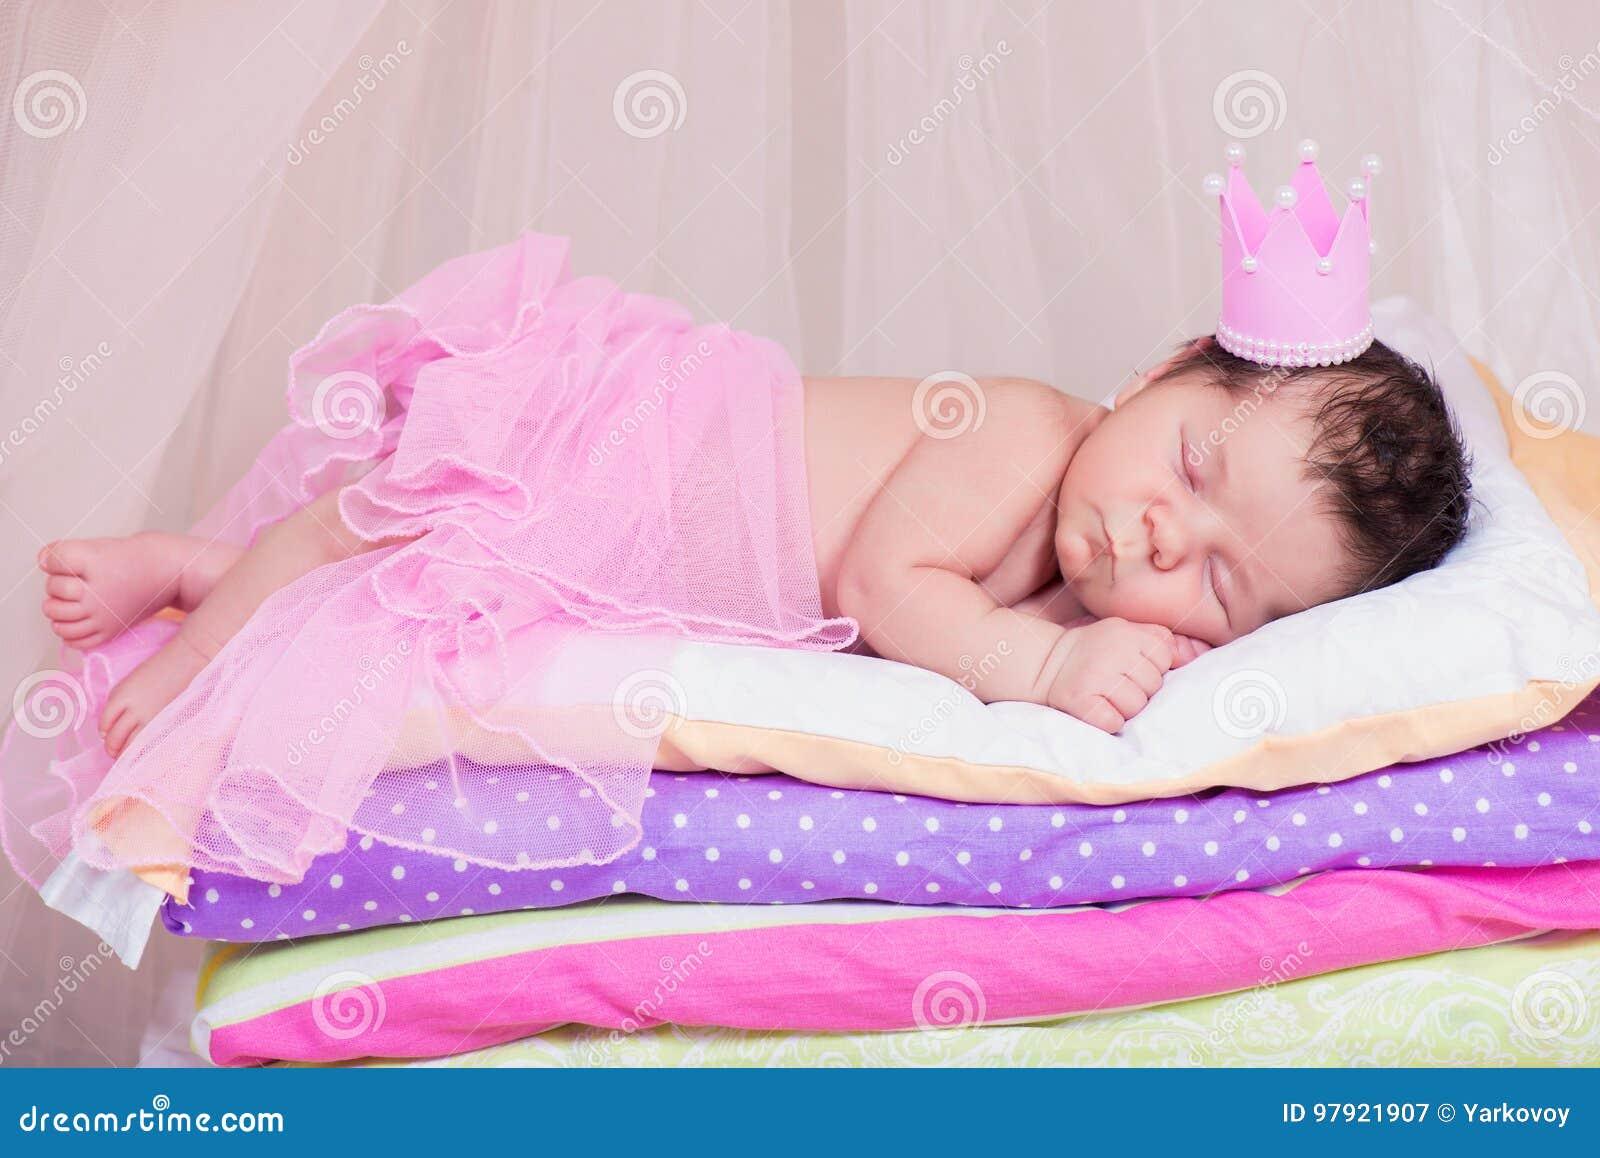 Bebé recién nacido en una corona que duerme en la cama de colchones Princesa de hadas y el guisante